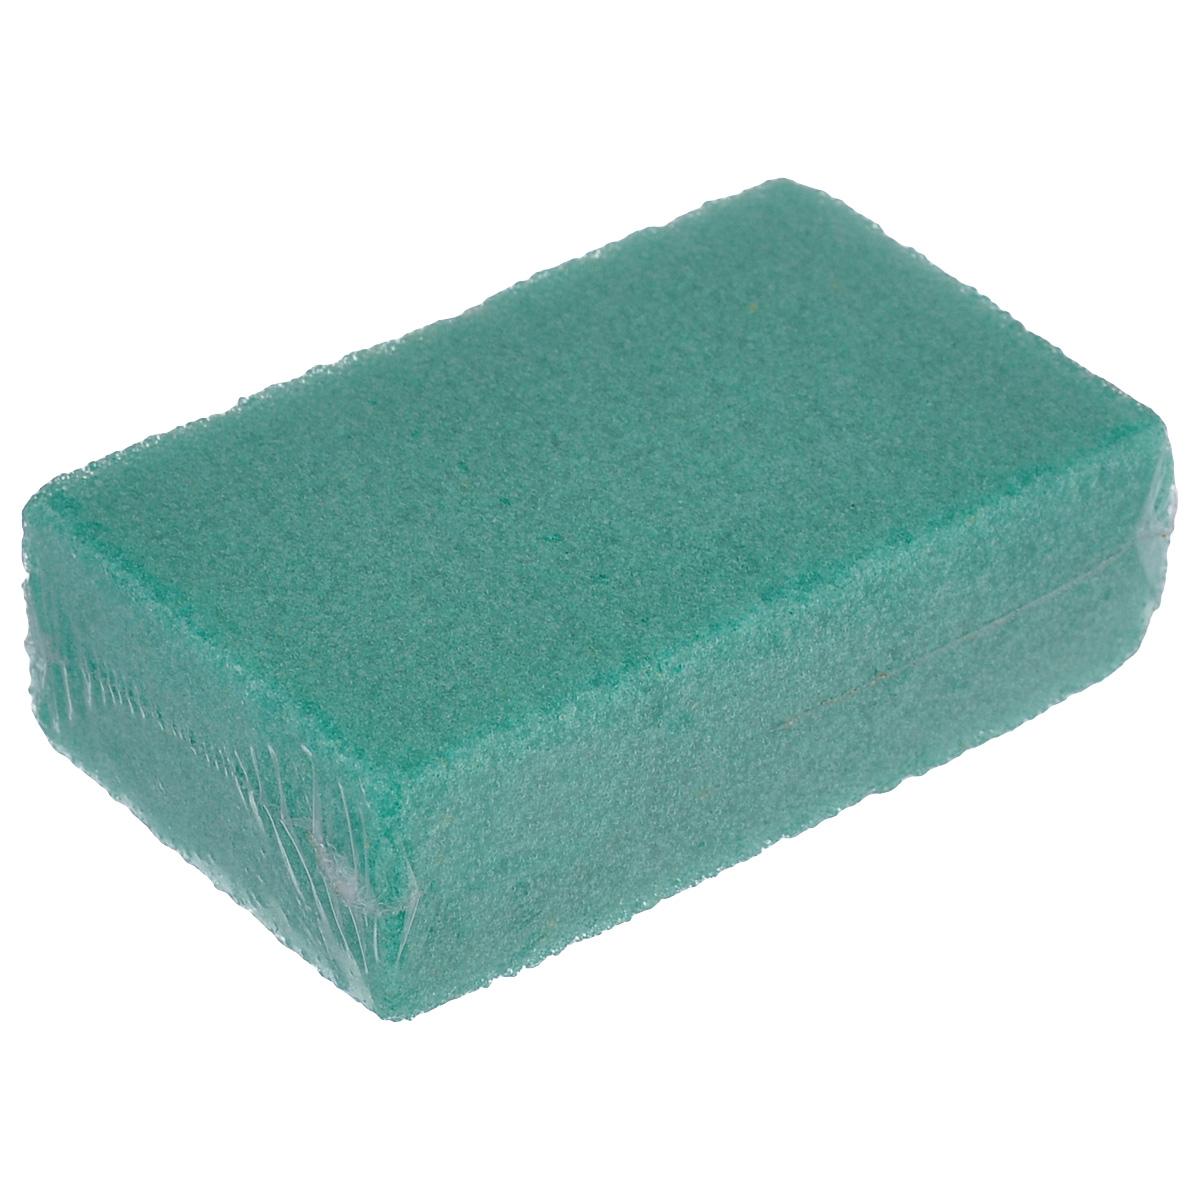 Пемза искусственная Eva, цвет: зеленый, 8 см х 5 см х 2,5 смТ74_зеленыйИскусственная пемза Eva изготовлена из пенополиуретана. Она в одно мгновение справиться с огрубевшей кожей ног. После ее использования кожа ваших ног станет гладкой и эластичной. Этот замечательный аксессуар пригодится и в ванной, и в бане.